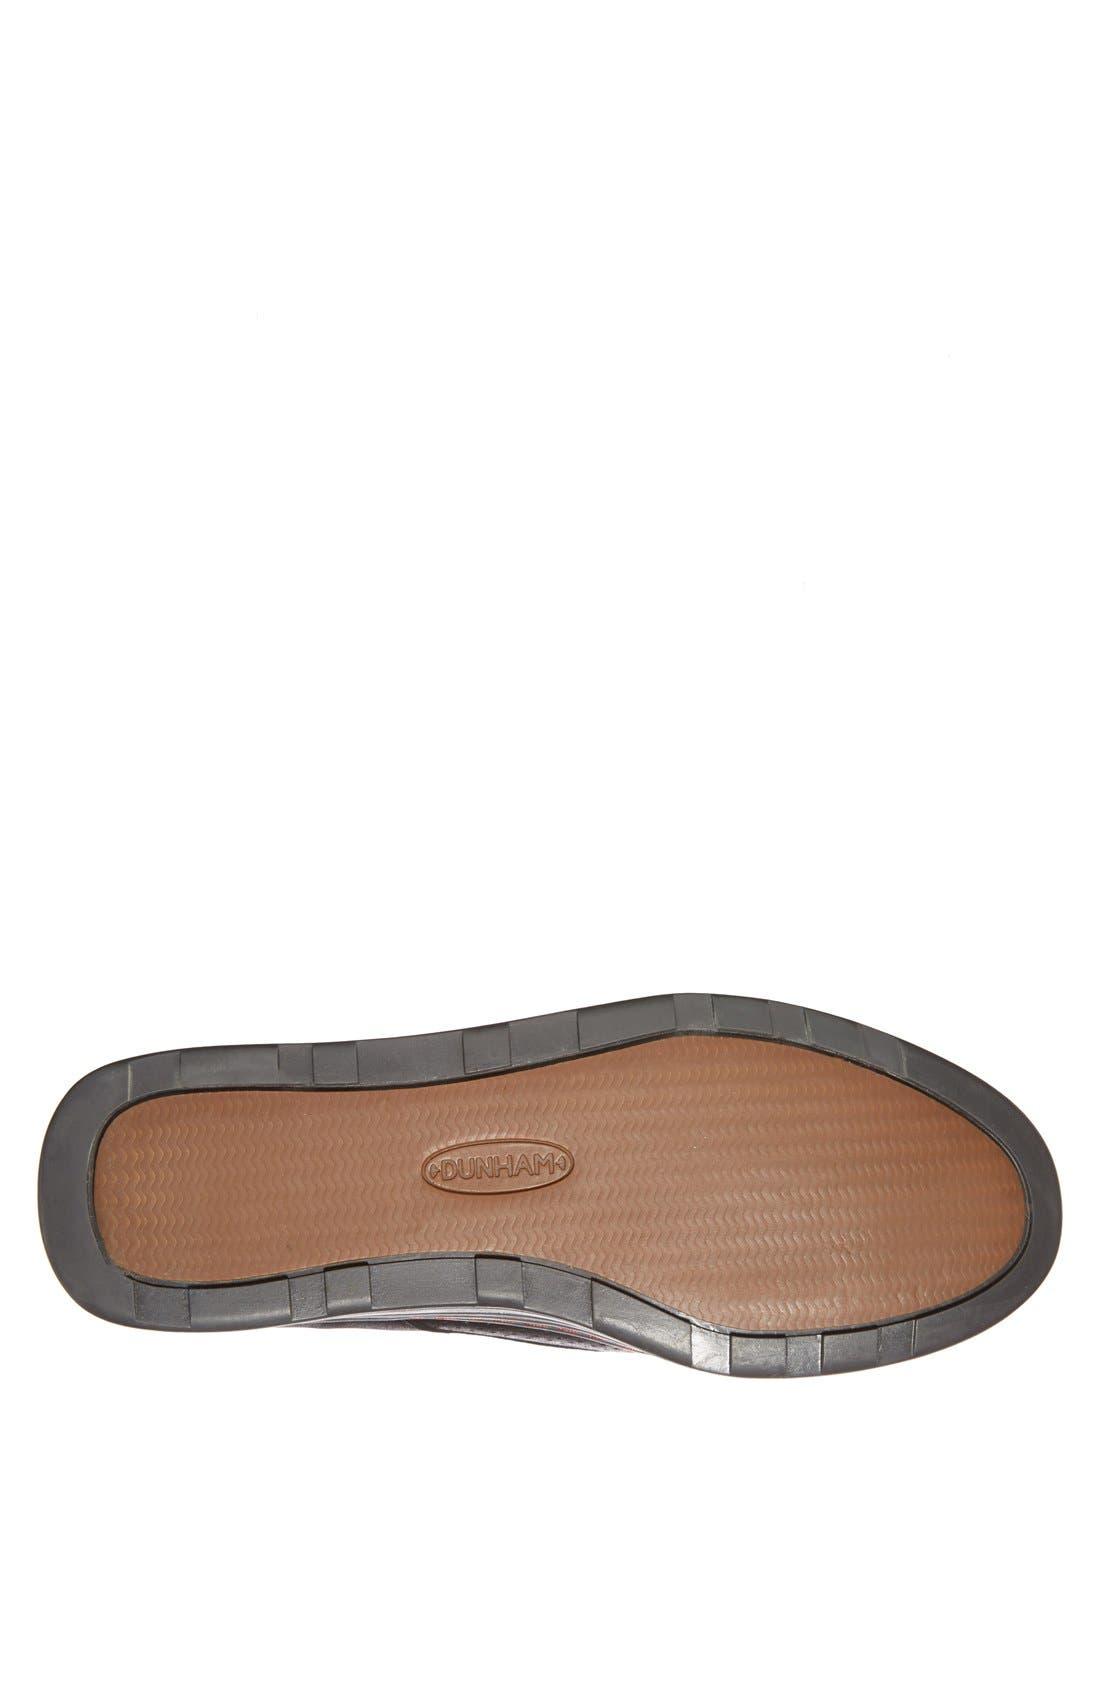 DUNHAM,                             'Camden' Sneaker,                             Alternate thumbnail 3, color,                             014